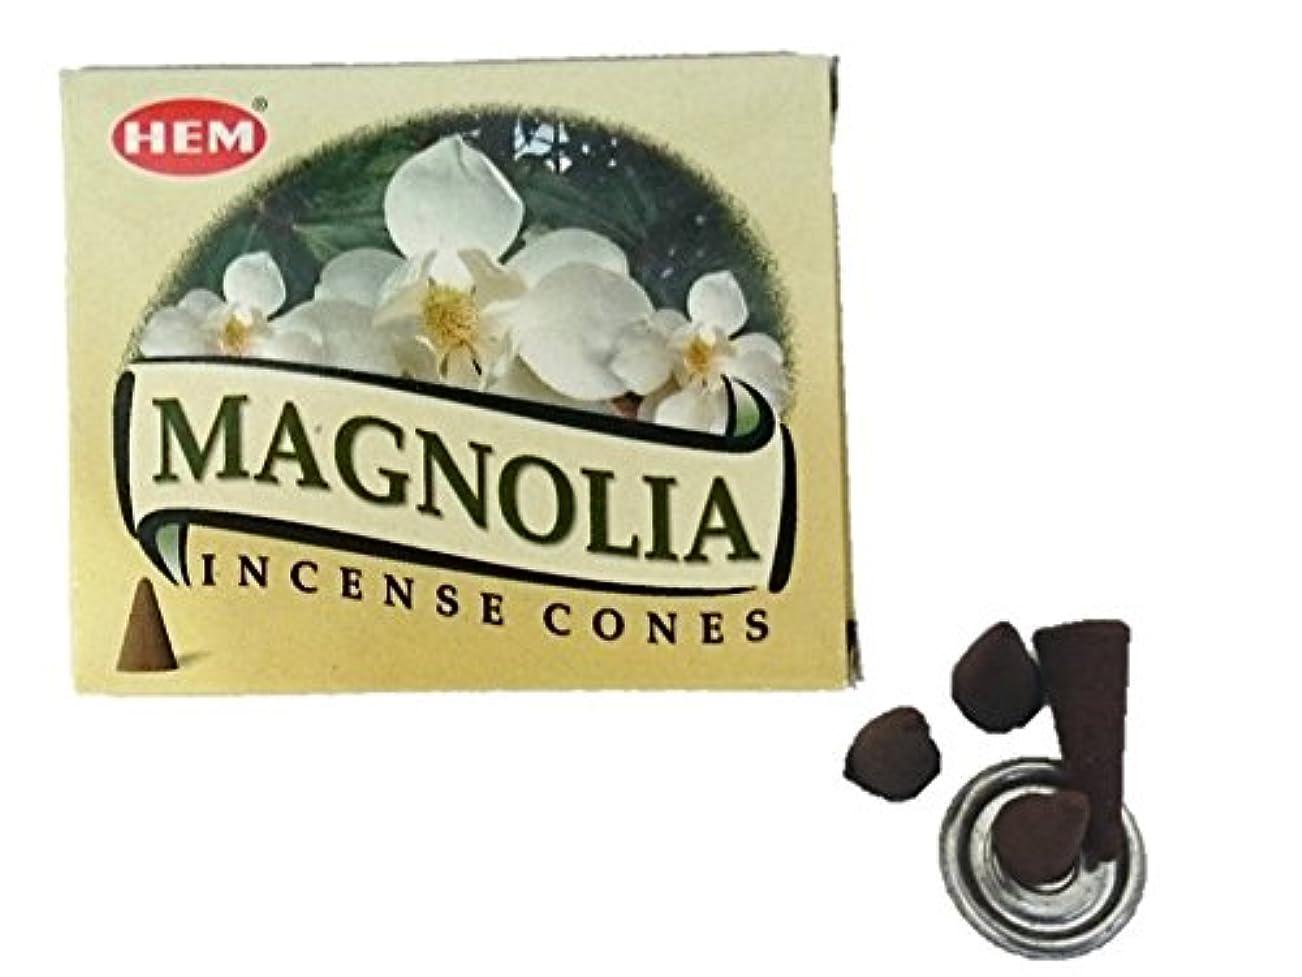 マンハッタンに賛成簡単にHEM(ヘム)お香 マグノリア コーン 1箱